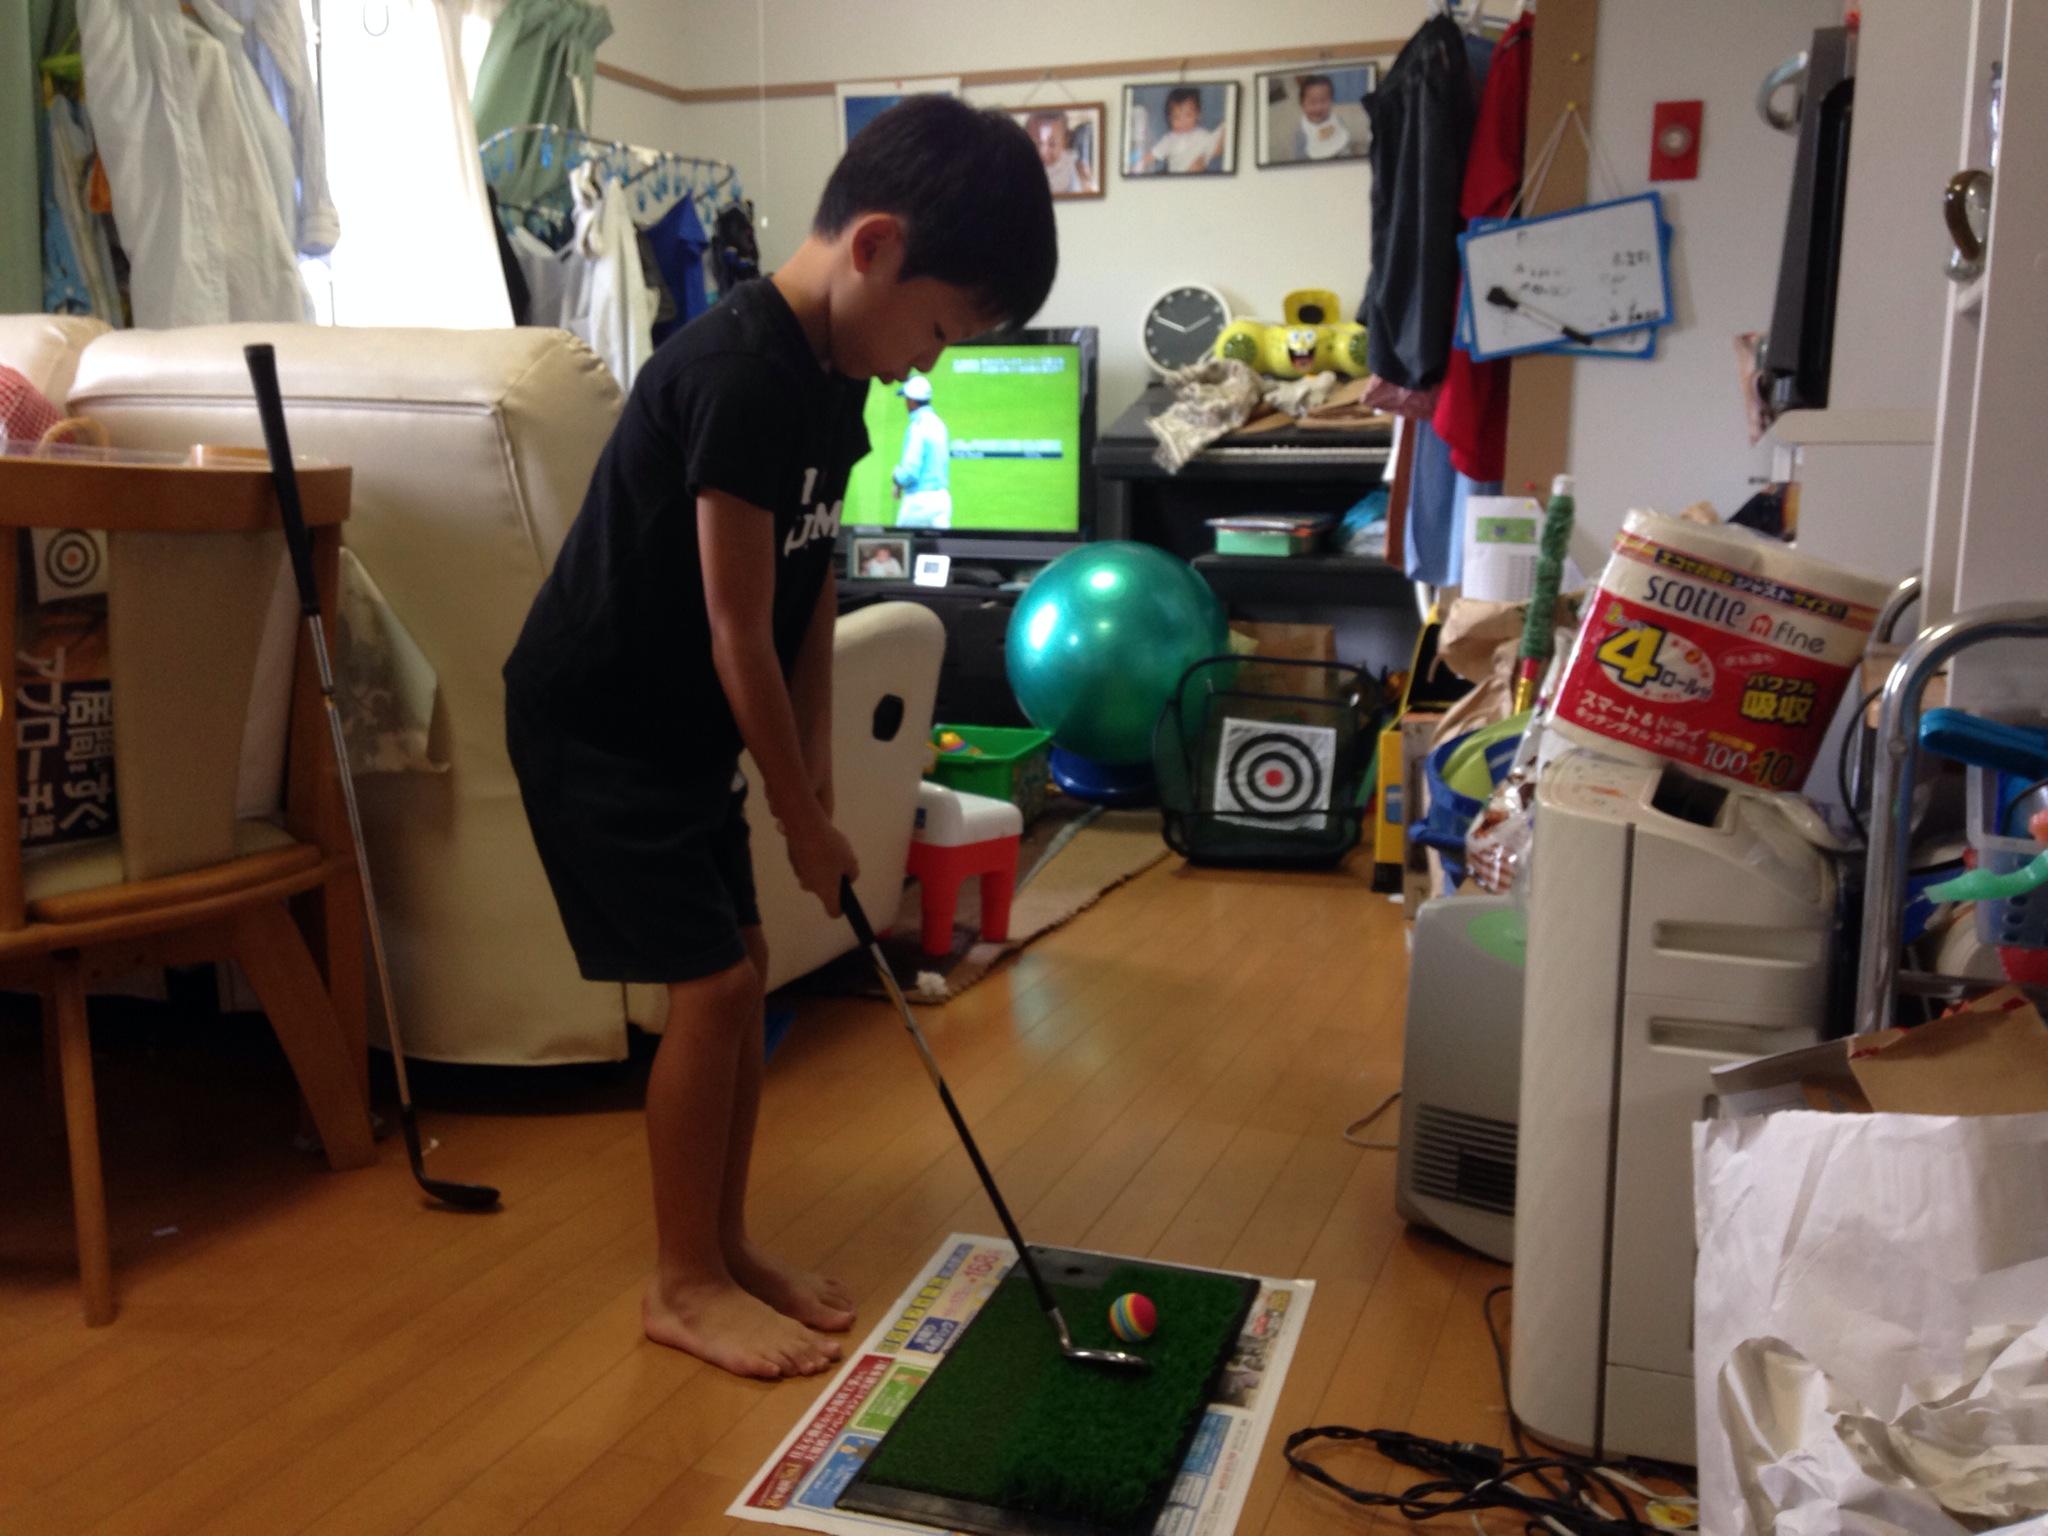 室内でアプローチ練習、はじめてみました。自宅でゴルフ、しかも15ヤード以内の集中力がつくと確信!